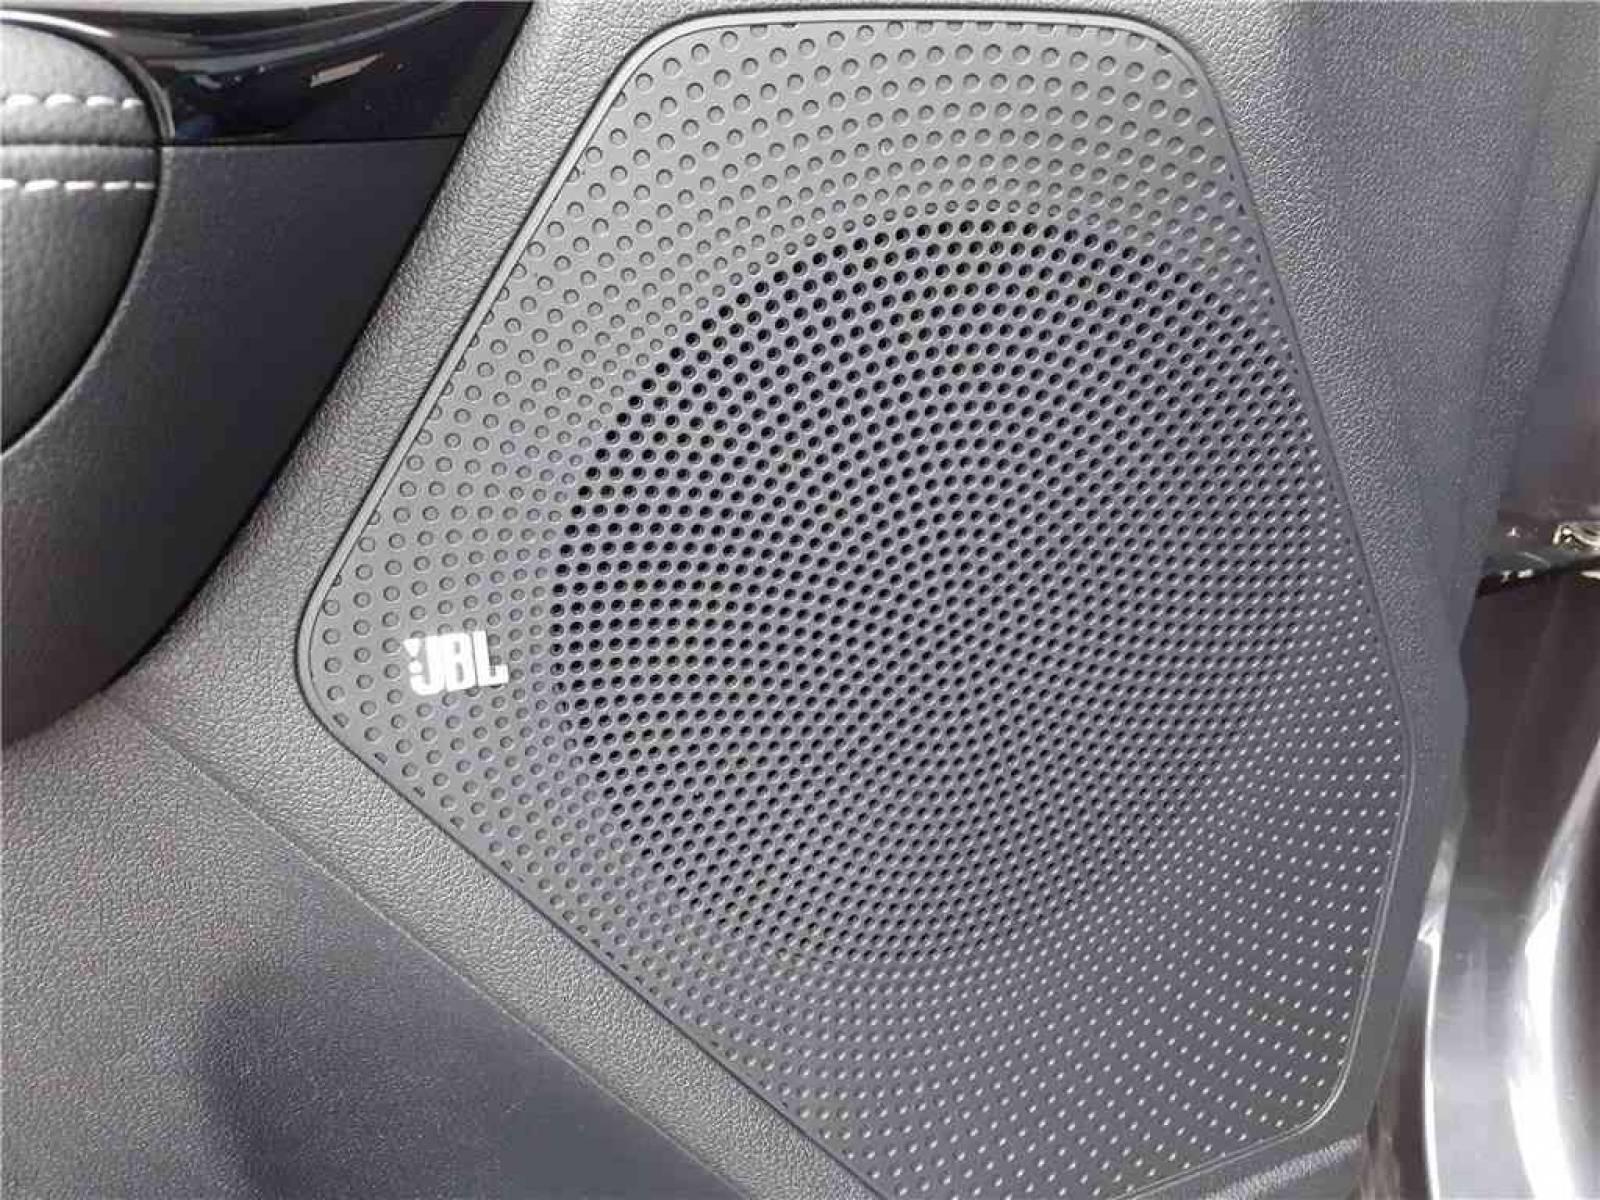 KIA Niro Hybrid Recharg 1.6 GDi 105 ch ISG + Elec 60.5 ch DCT6 - véhicule d'occasion - Groupe Guillet - Hall de l'automobile - Chalon sur Saône - 71380 - Saint-Marcel - 30